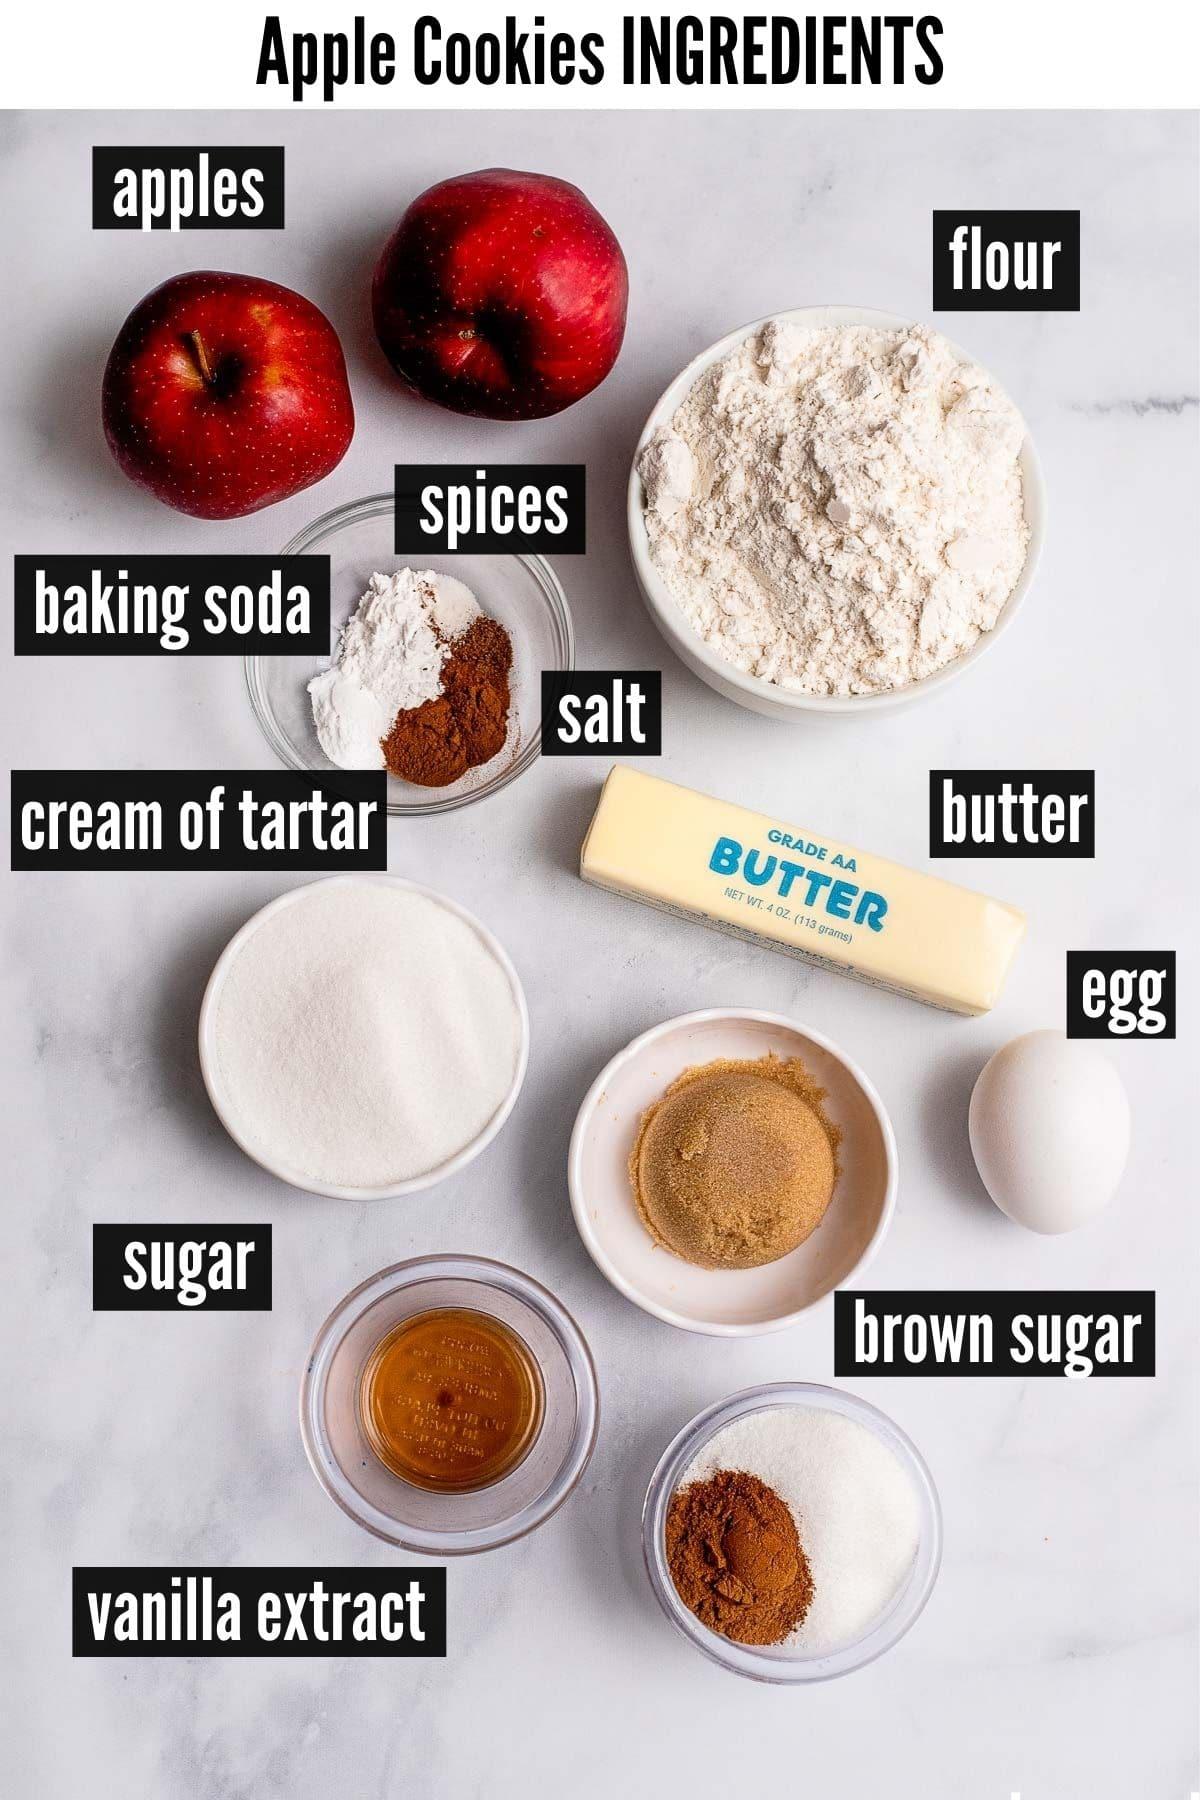 apple cookies labelled ingredients